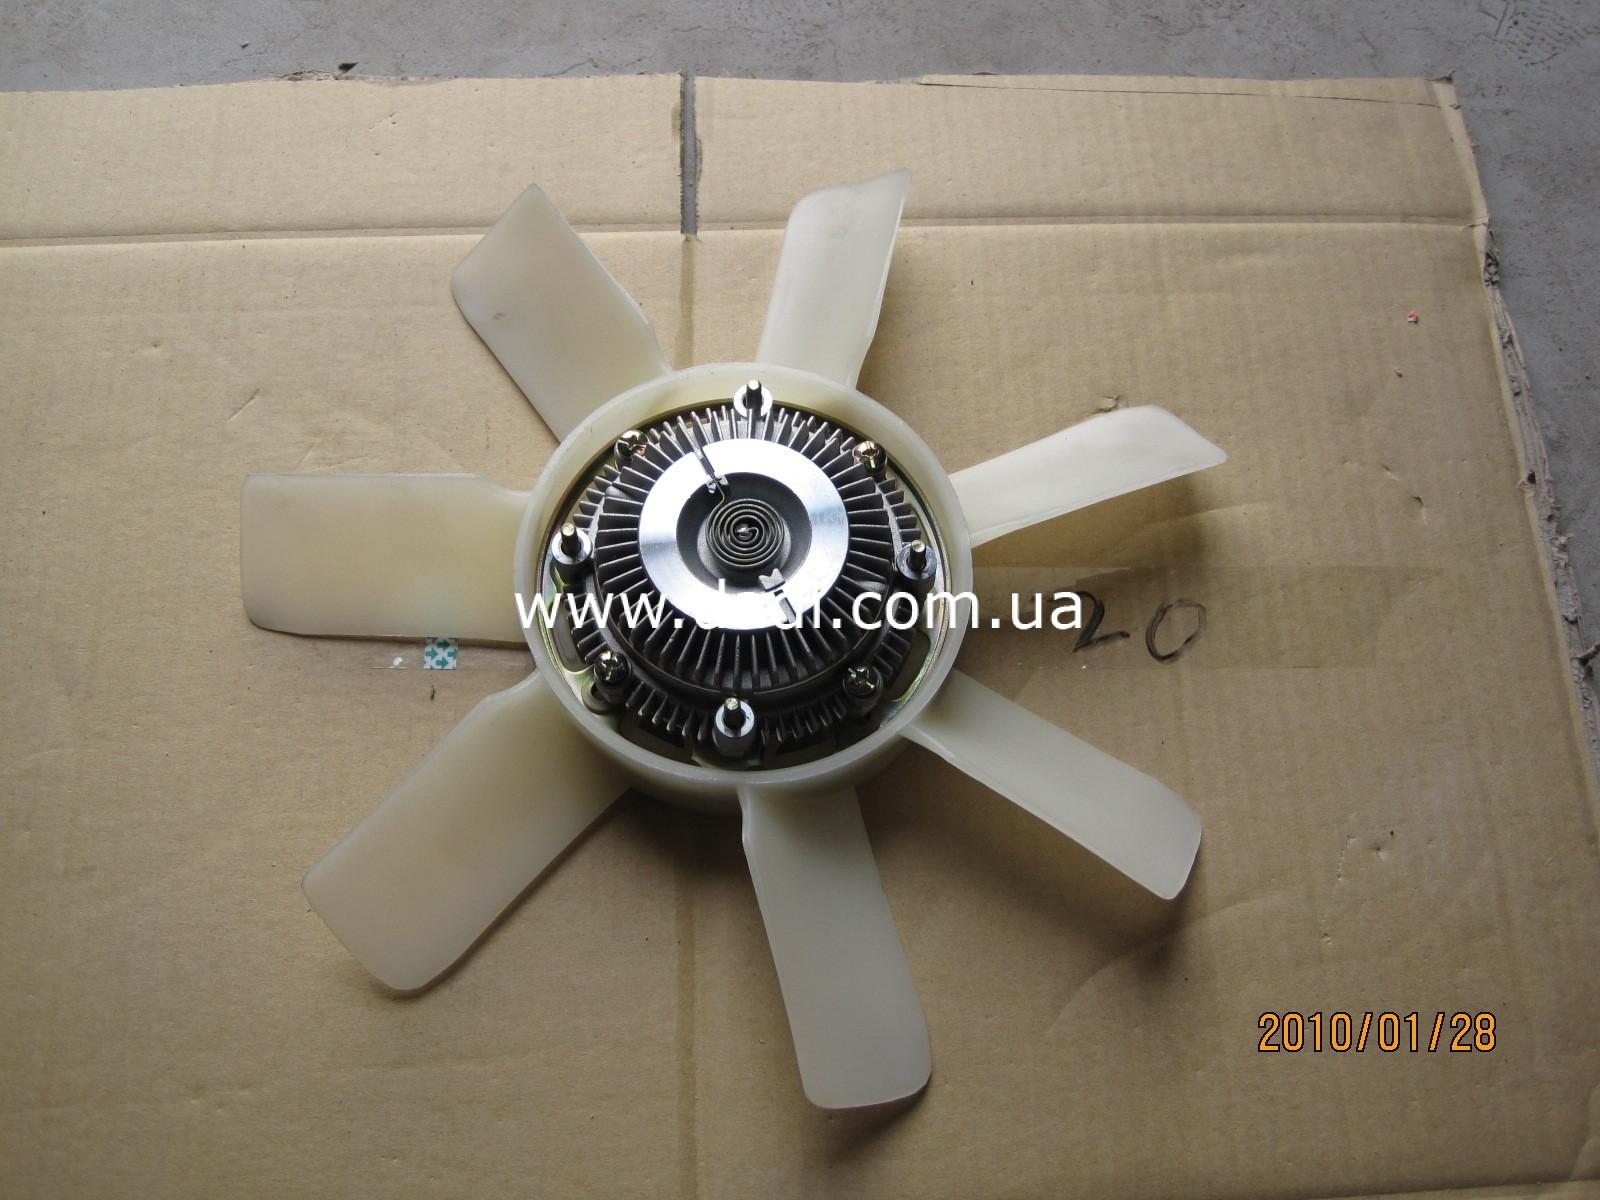 Віскомуфта вентилятора охолодження/ вискомуфта вентилятора-143